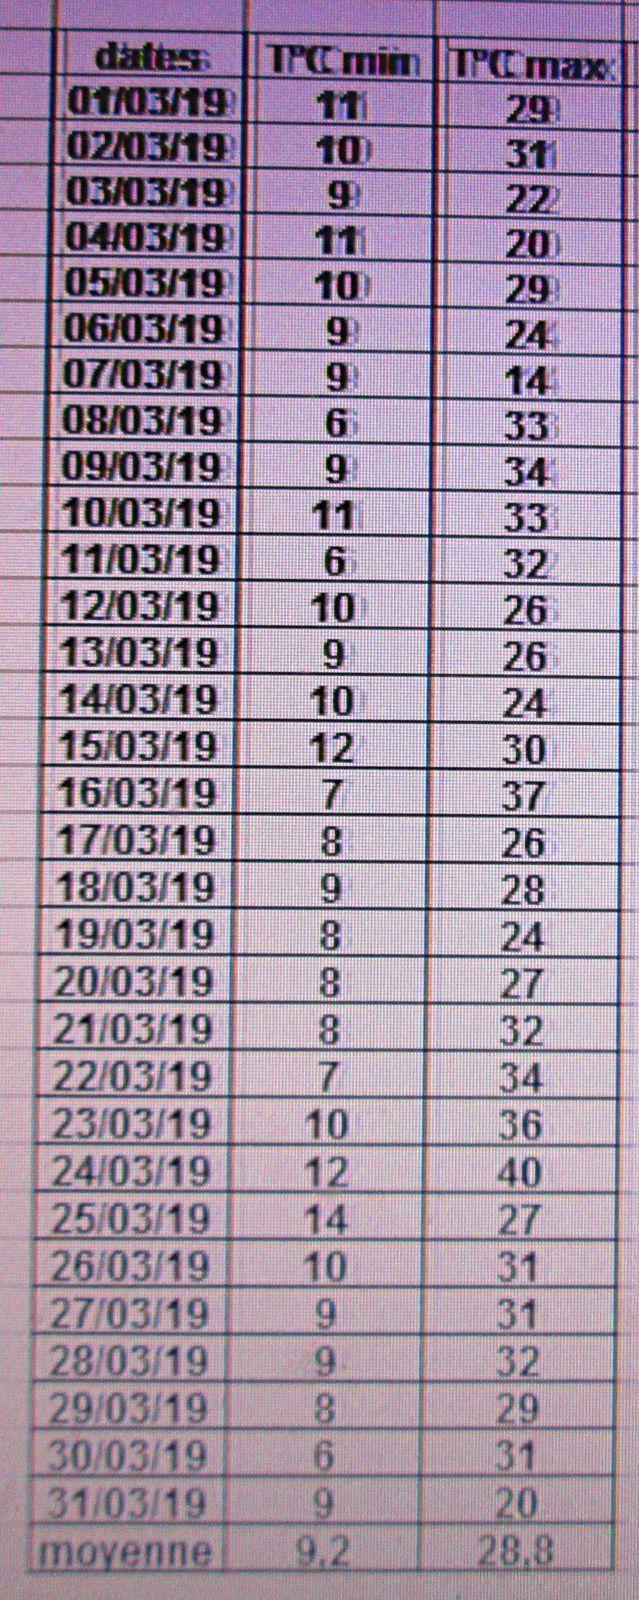 températures de mars 2019 dans les PO